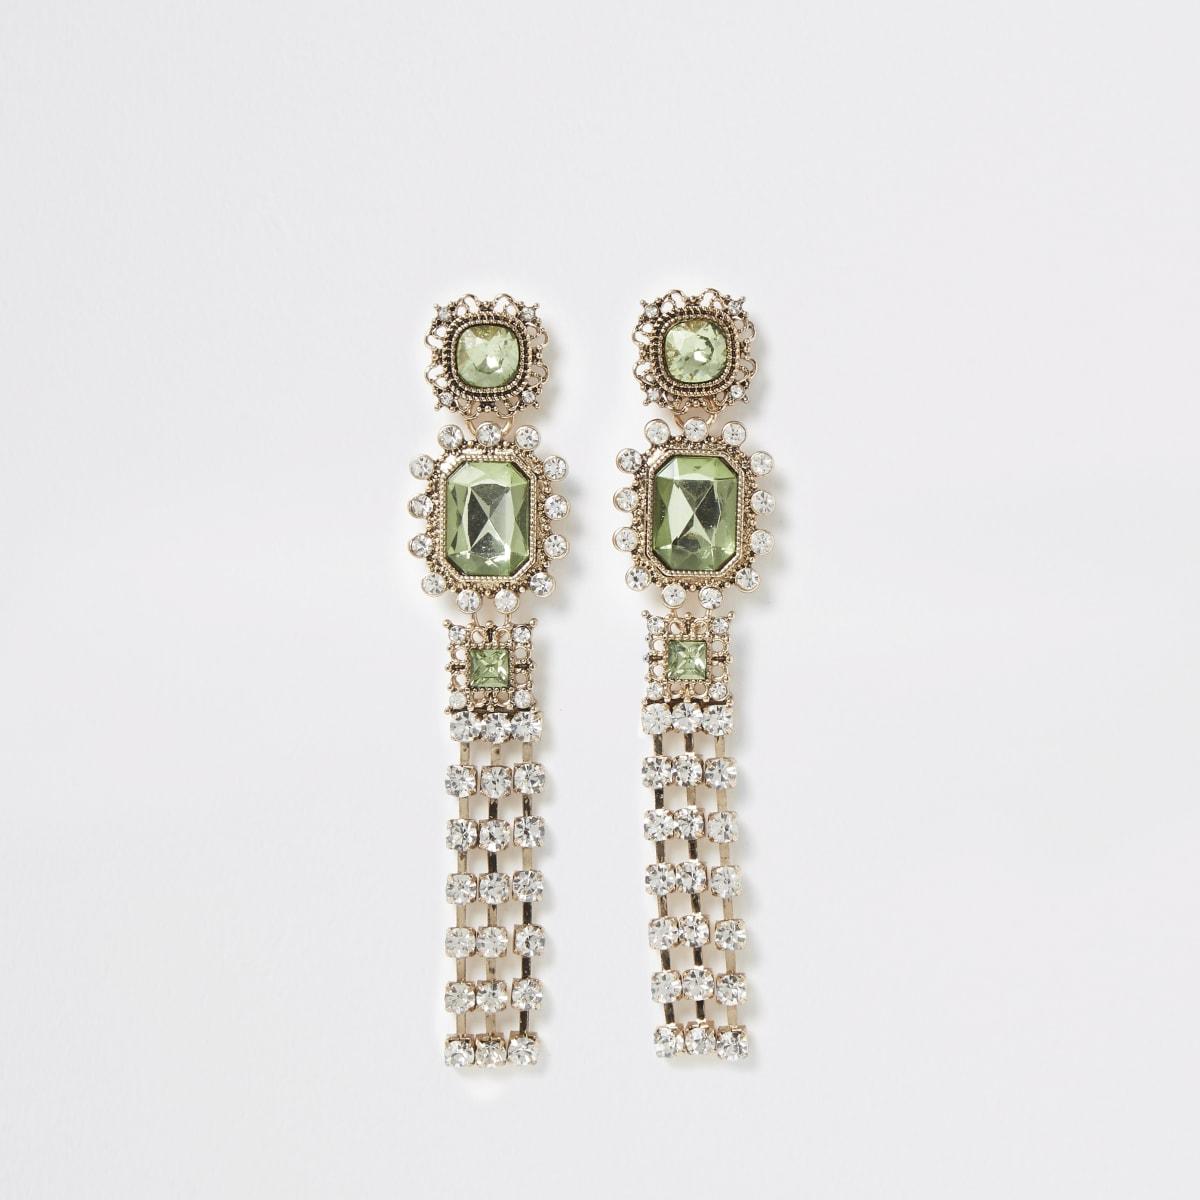 Pendants d'oreilles ornés en pierres vertes